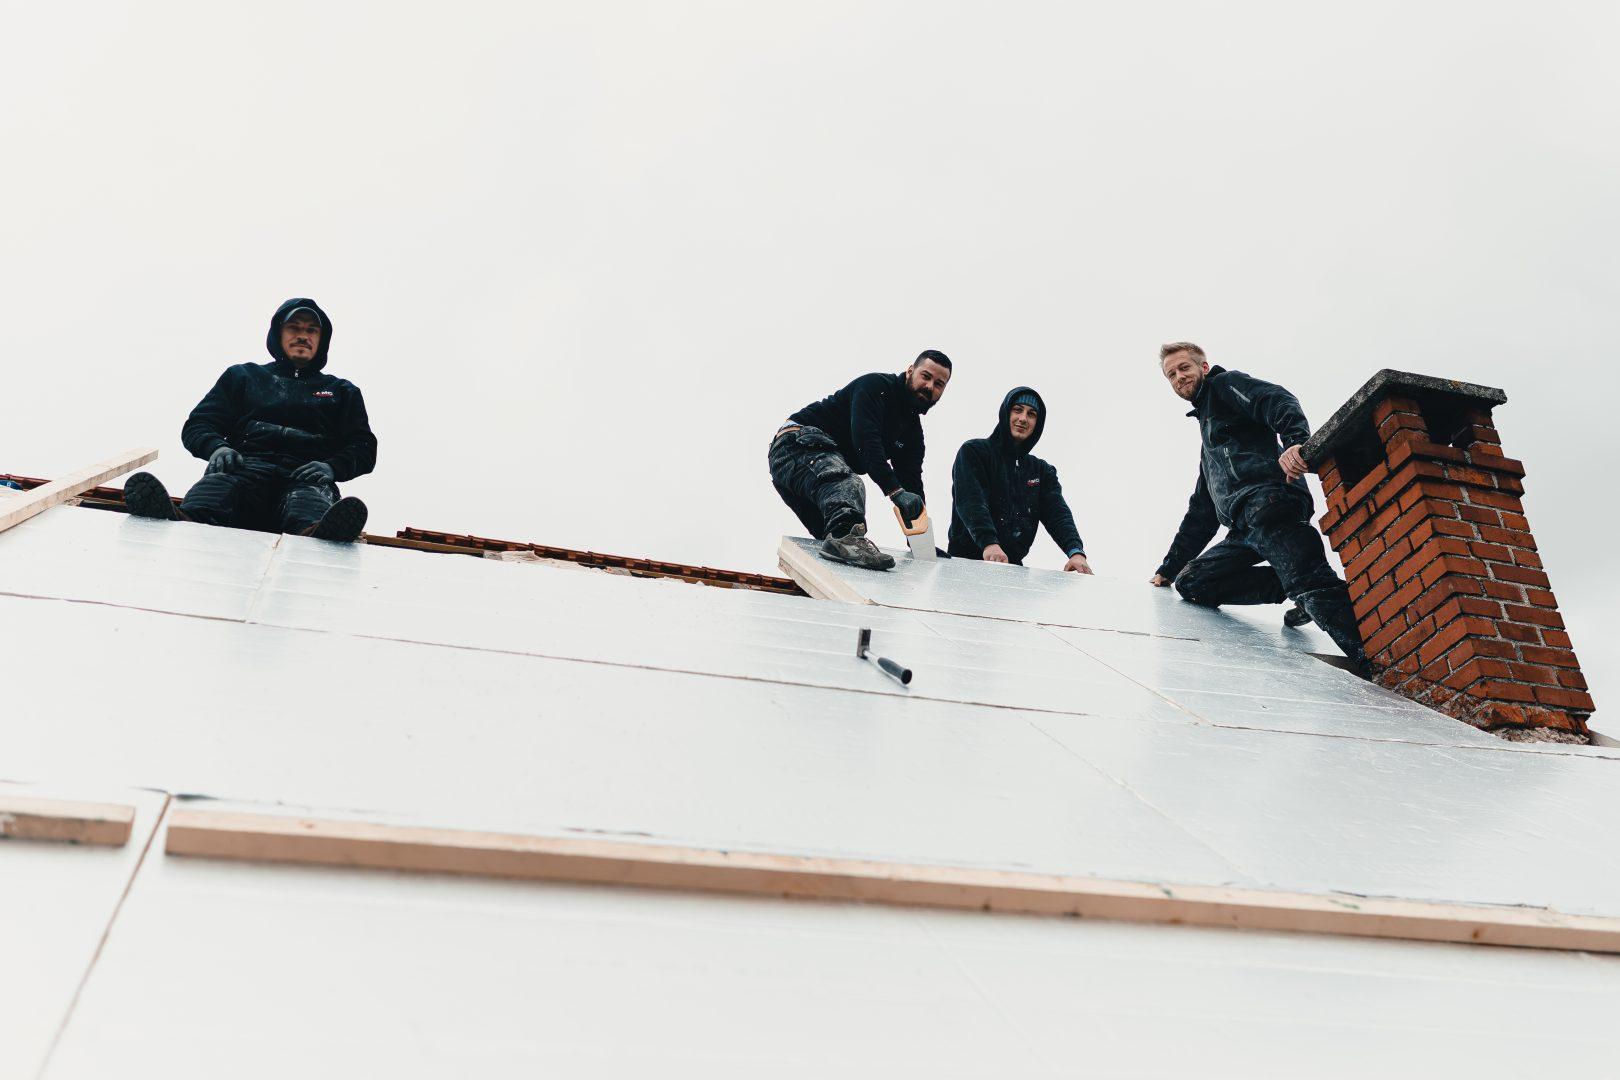 Equipe AMC sur un toit